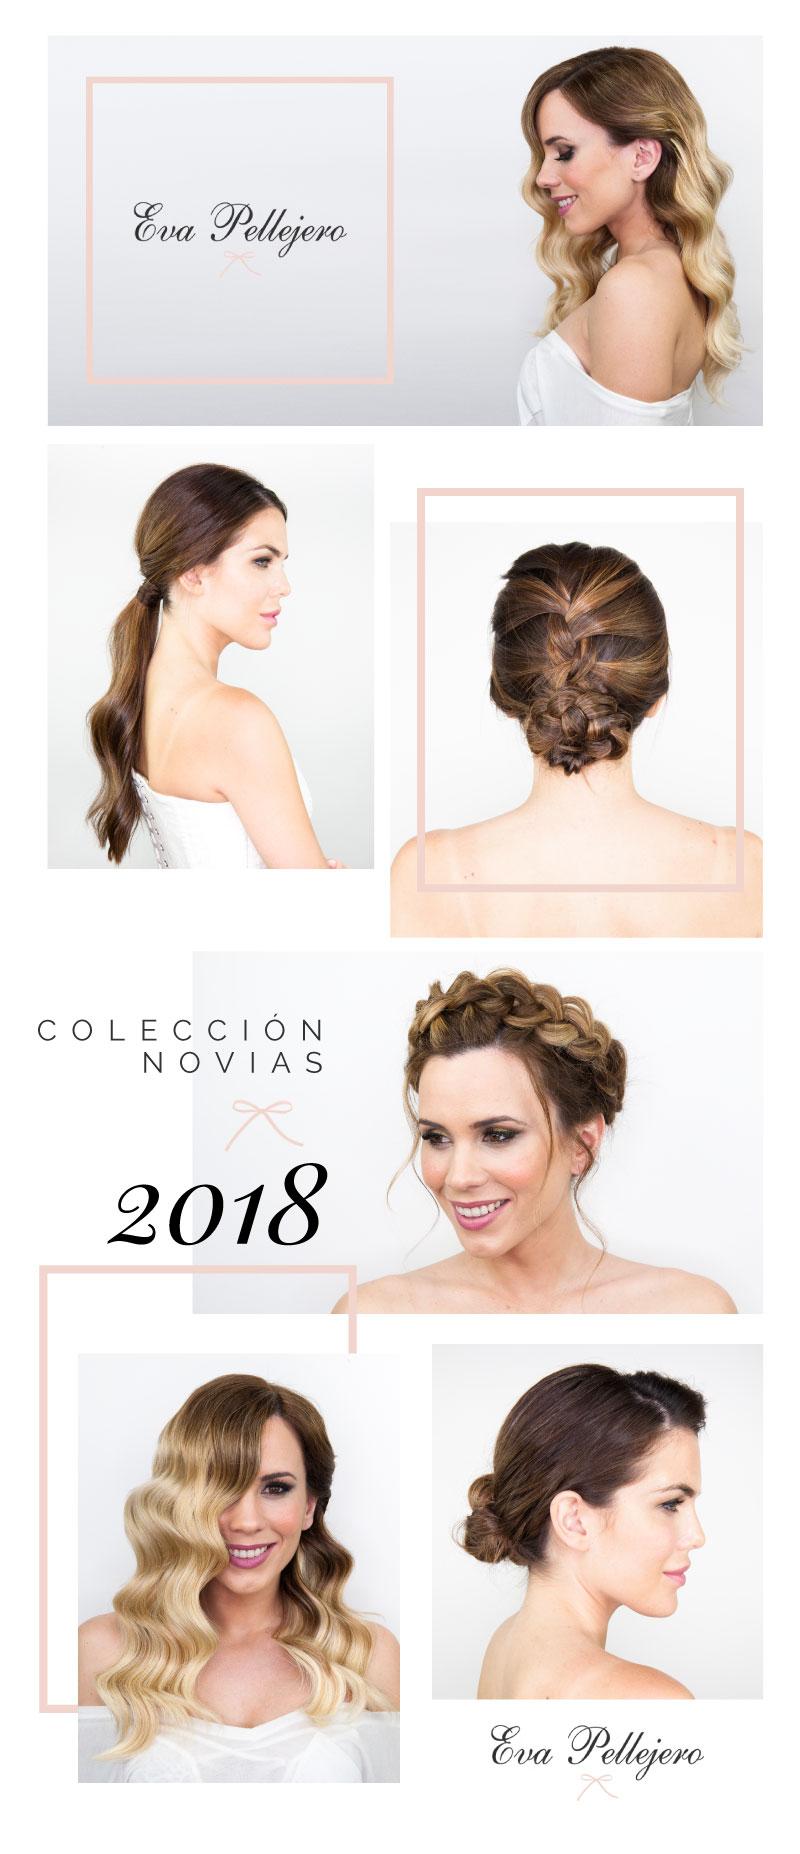 coleccion novias eva pellejero 2018